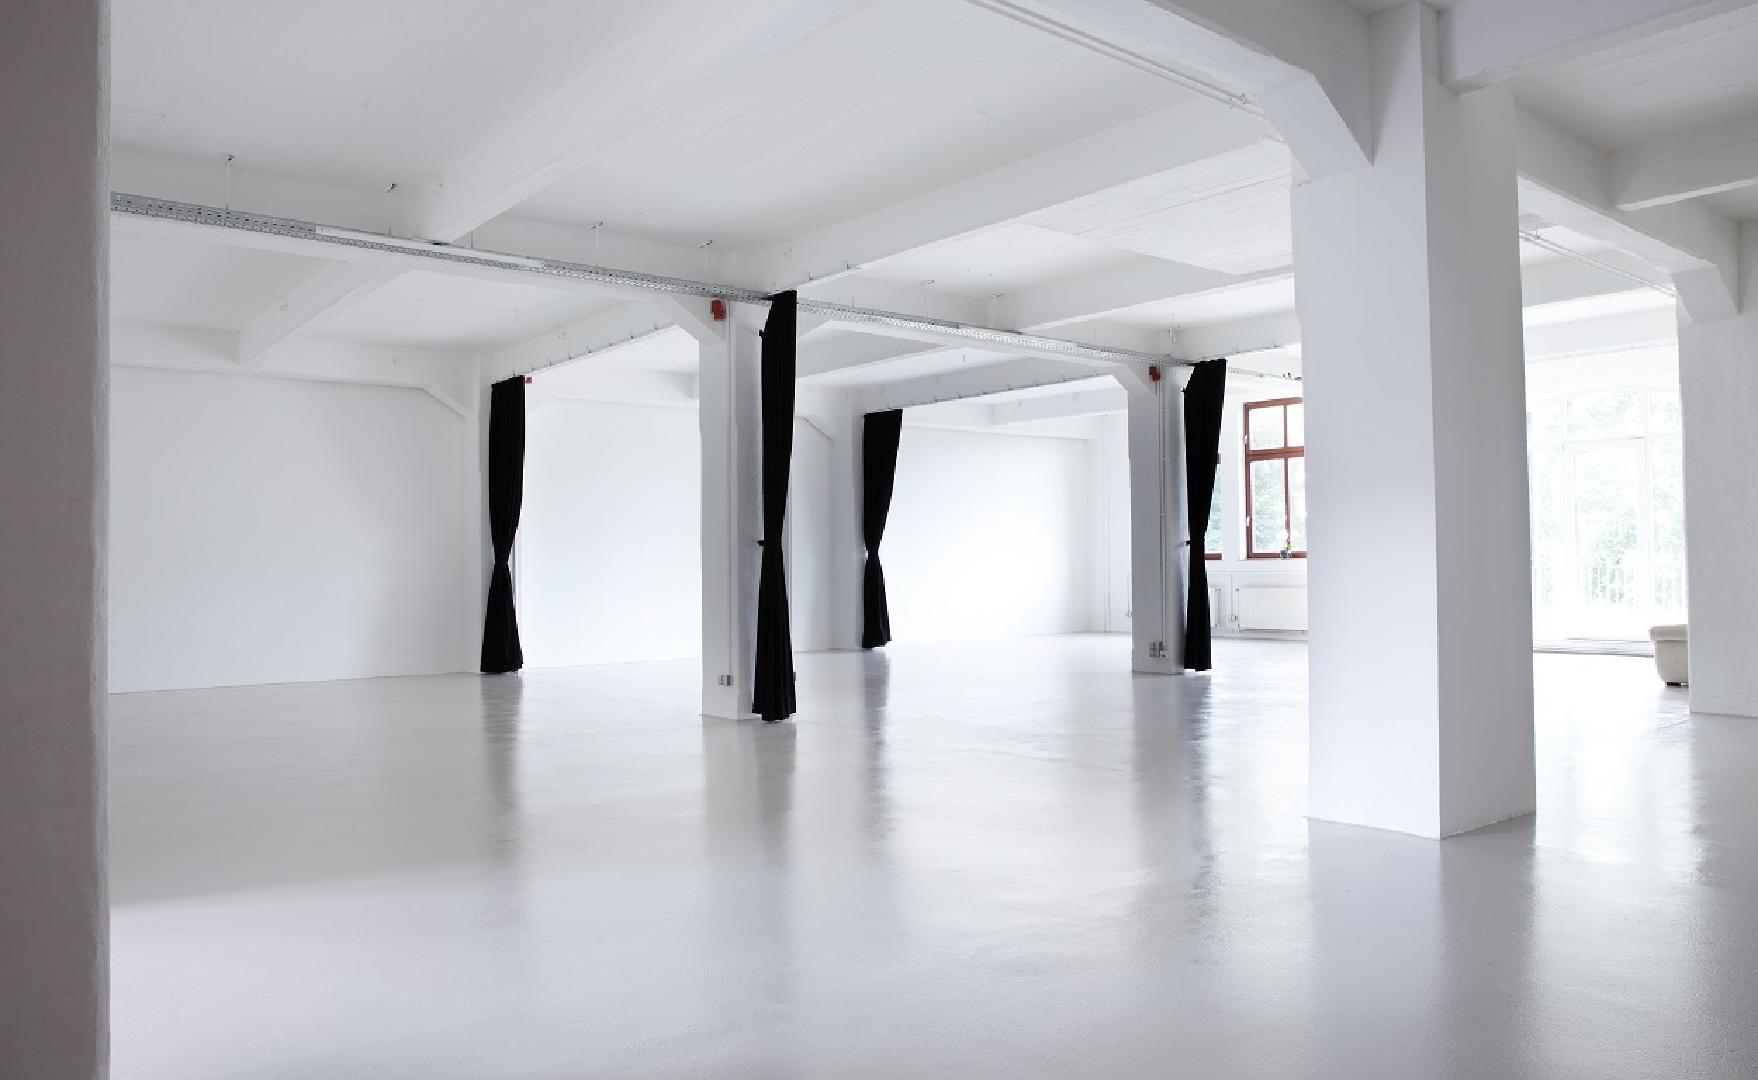 Picture 2 of Studio für Fotoproduktion und Events